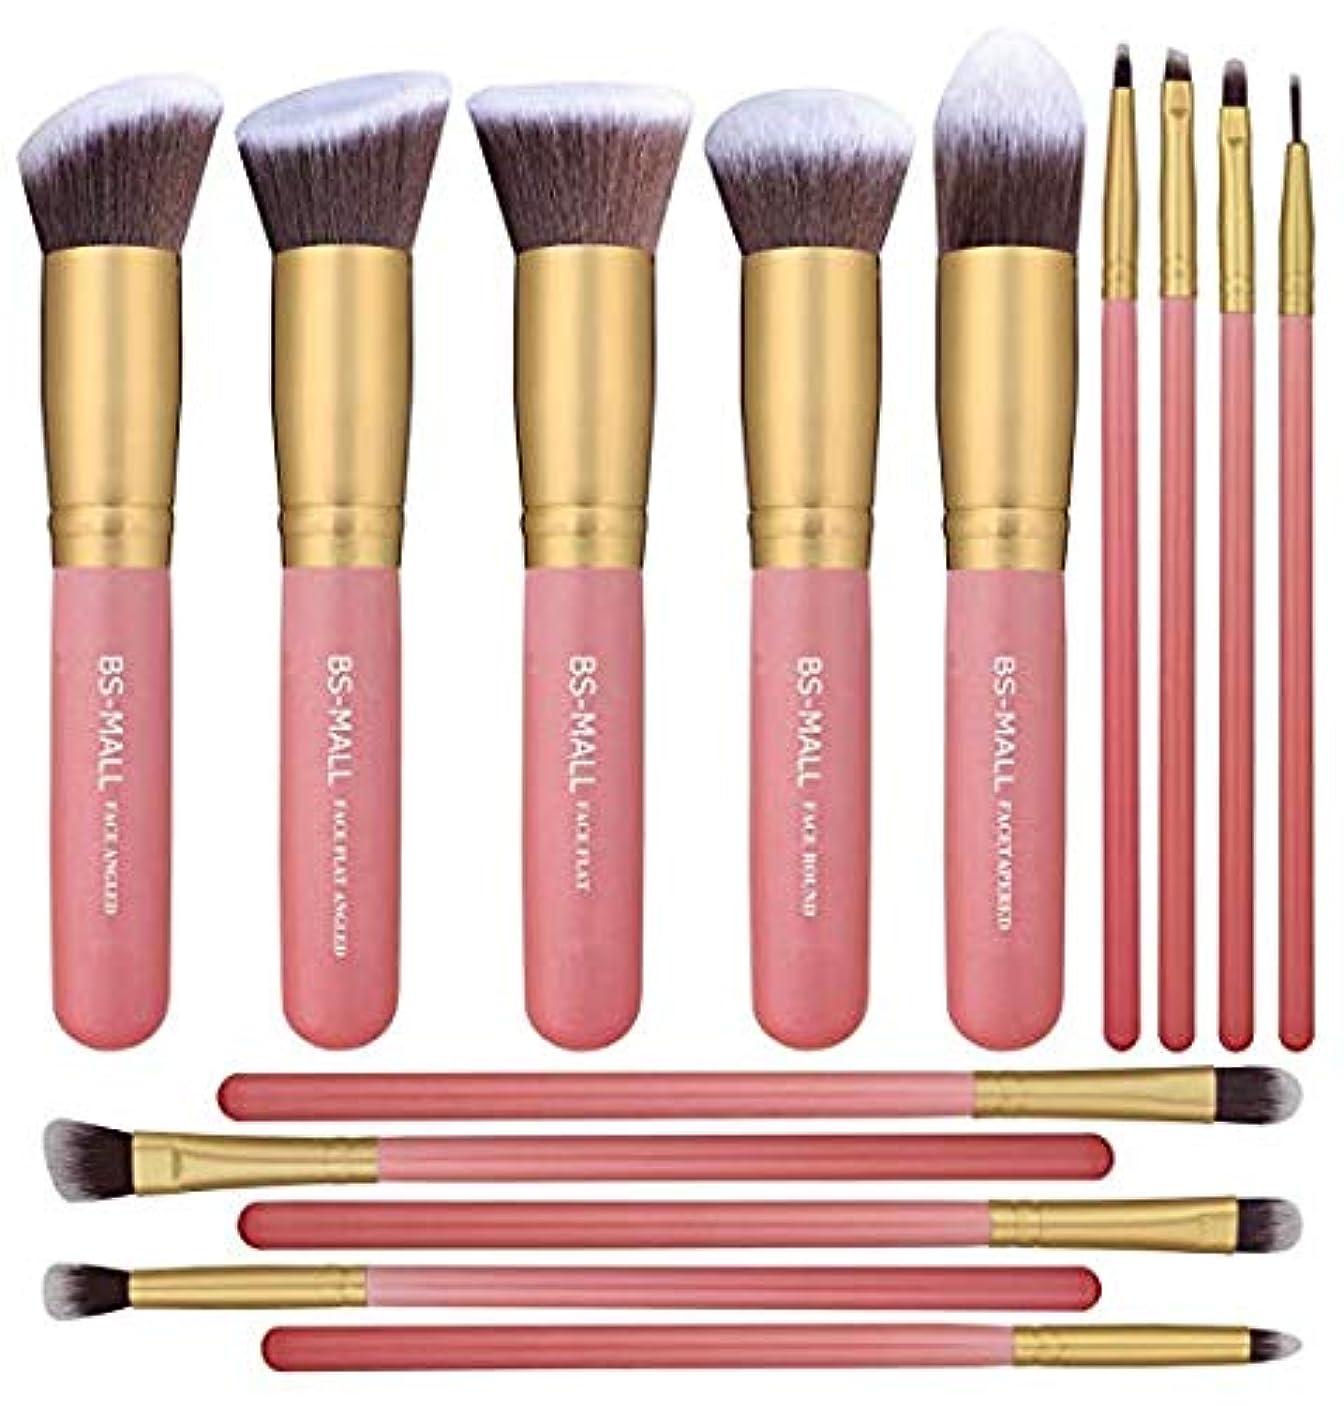 ピカリングめまい配列BS-MALL メイクアップブラシ 14本セット 14 Pcs Makeup Brushes Premium Synthetic Kabuki Makeup Brush Set Cosmetics Foundation Blending Blush Eyeliner Face Powder Brush Makeup Brush Kit(golden Pink)海外直送品 [並行輸入品]